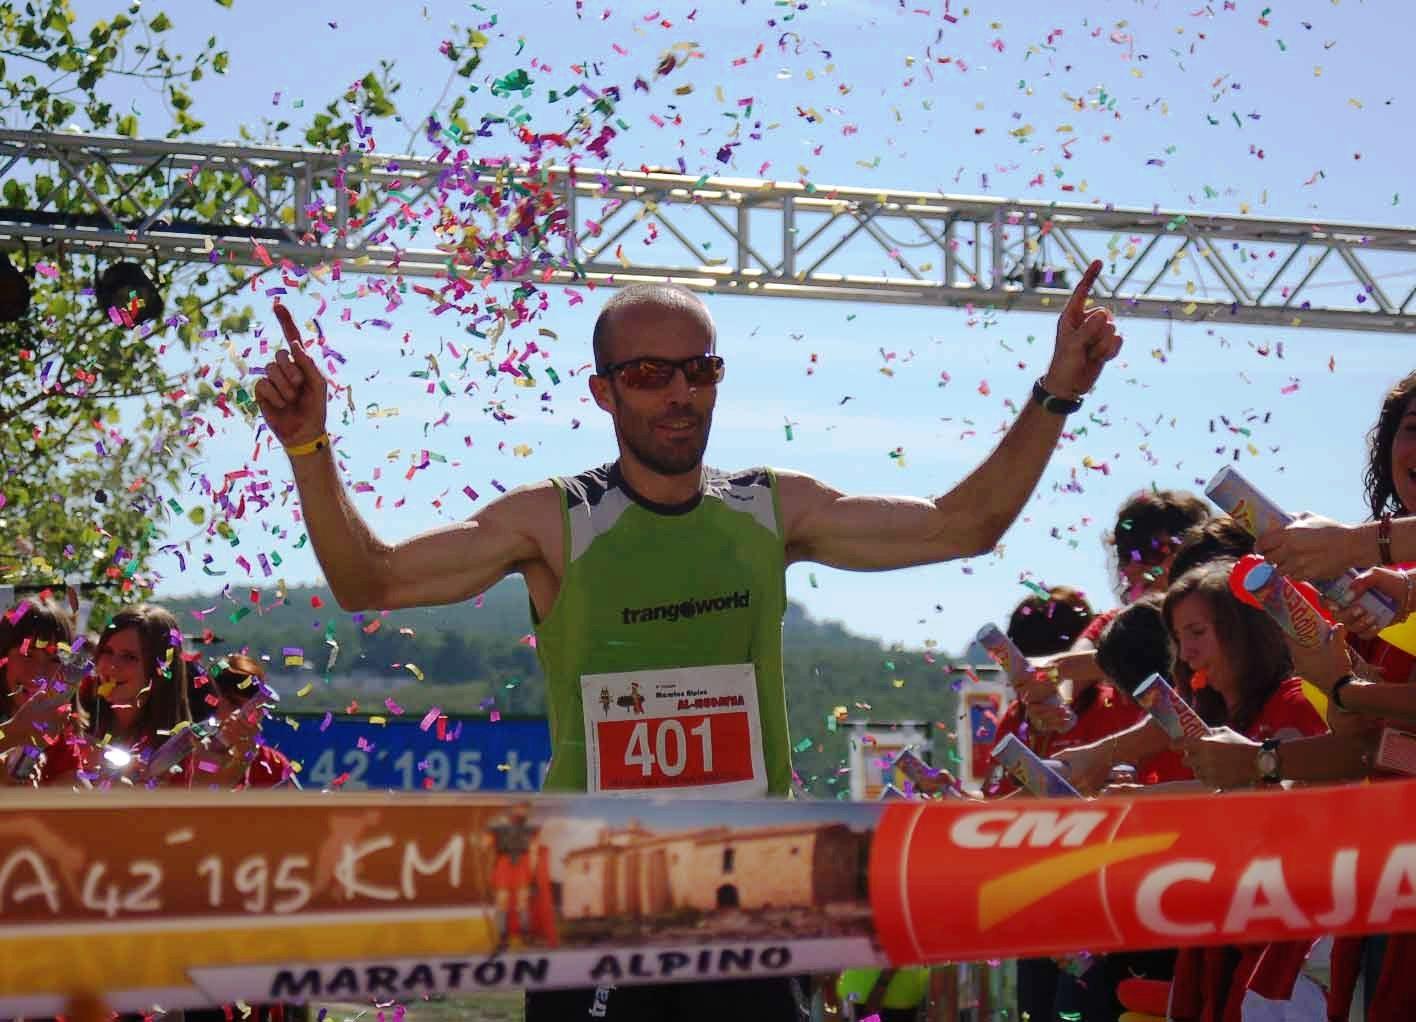 El Maratón Alpino Al-Mudayna cierra inscripciones con más de 1.300 participantes